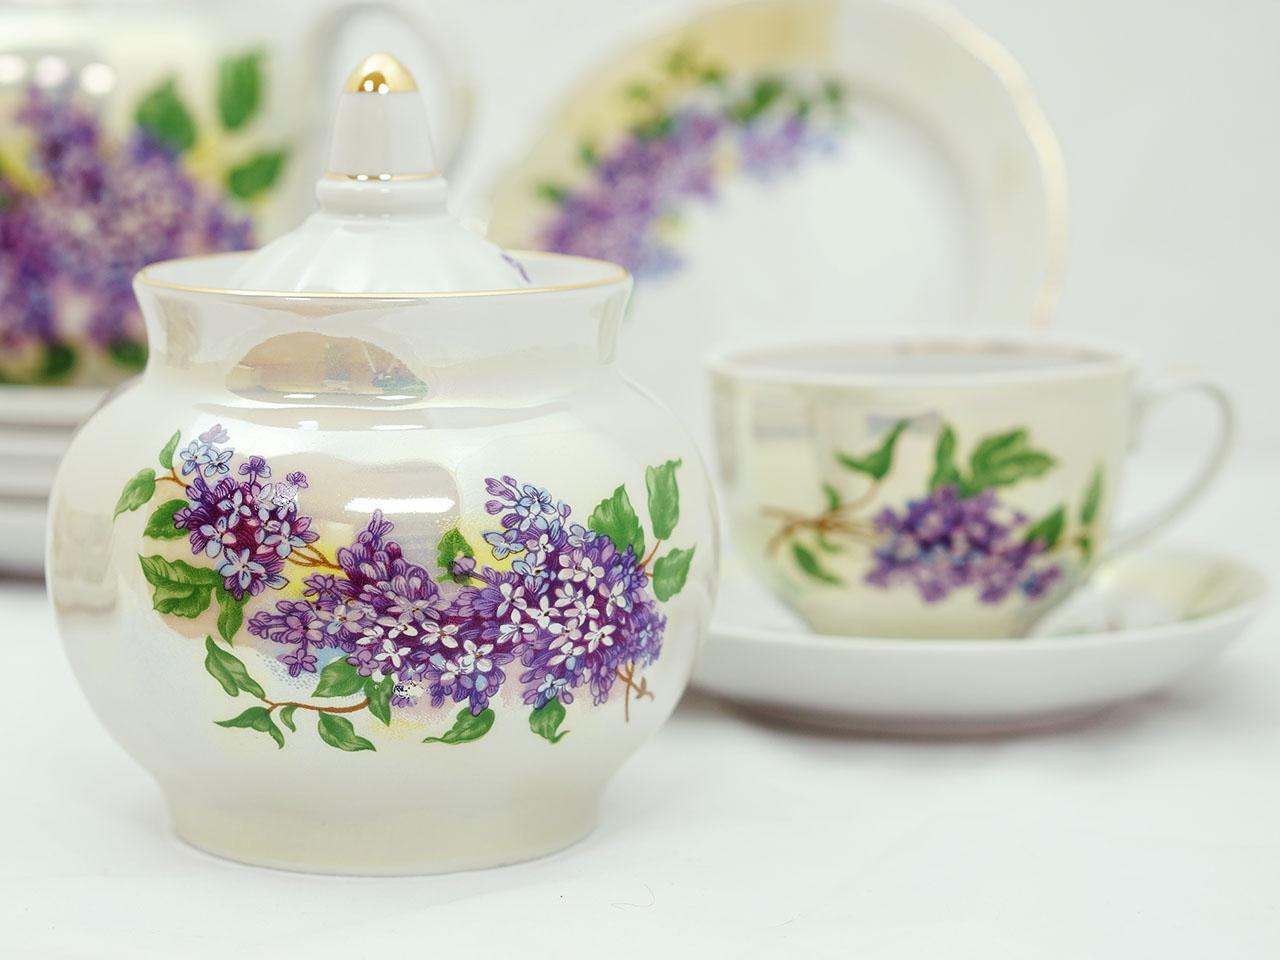 Фото Сервиз чайный Дулево Гранатовый Сиреневый букет, 20 предметов